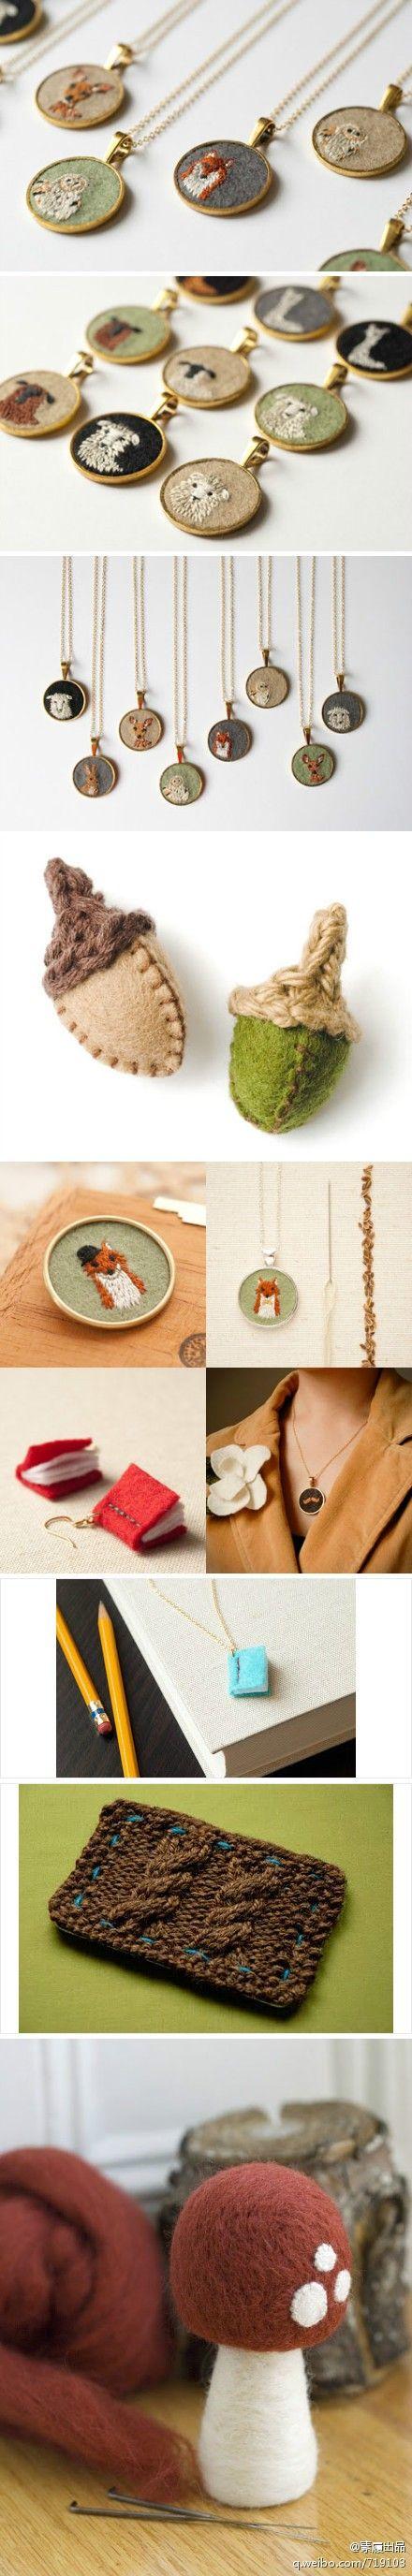 จี้ปักลาย / Click pin to see acorn, which can be used as a model for strawberries too.